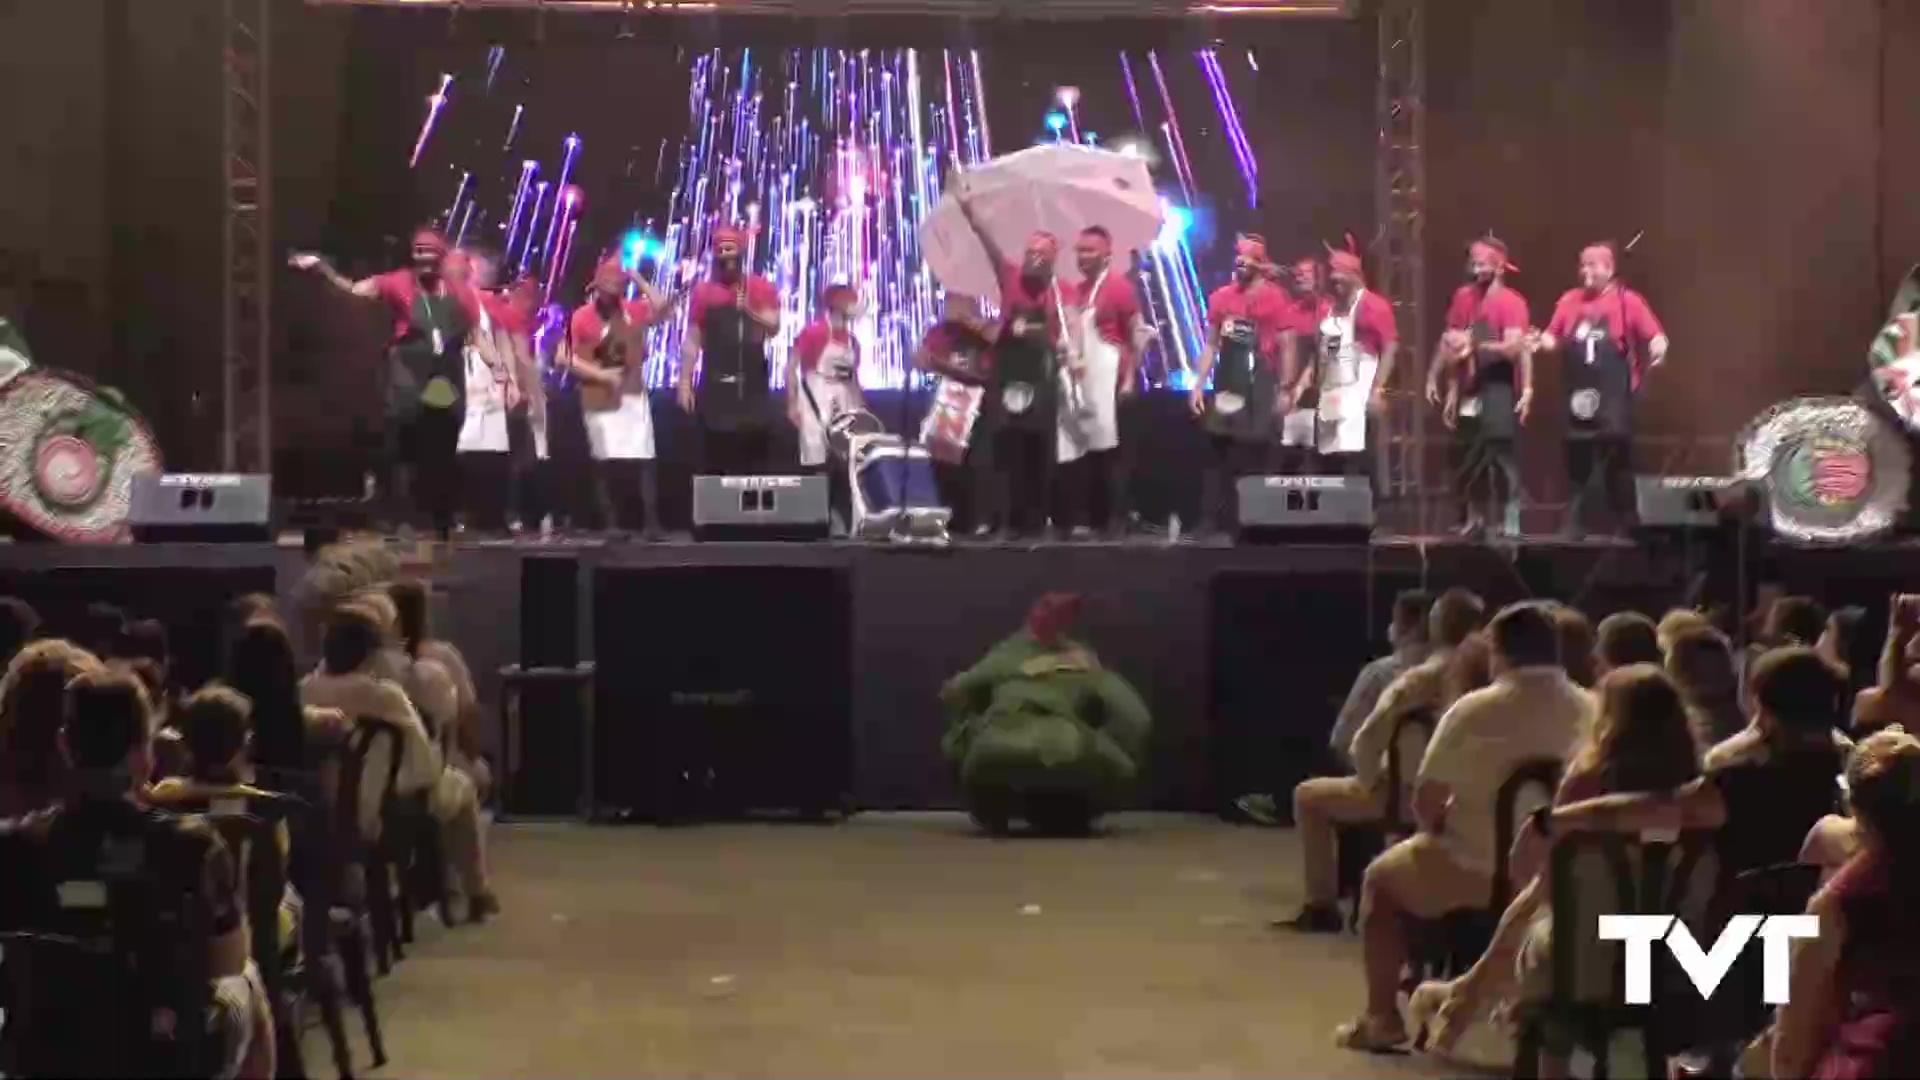 III Festival de Carnaval Ciudad de Torrevieja-Costa Blanca